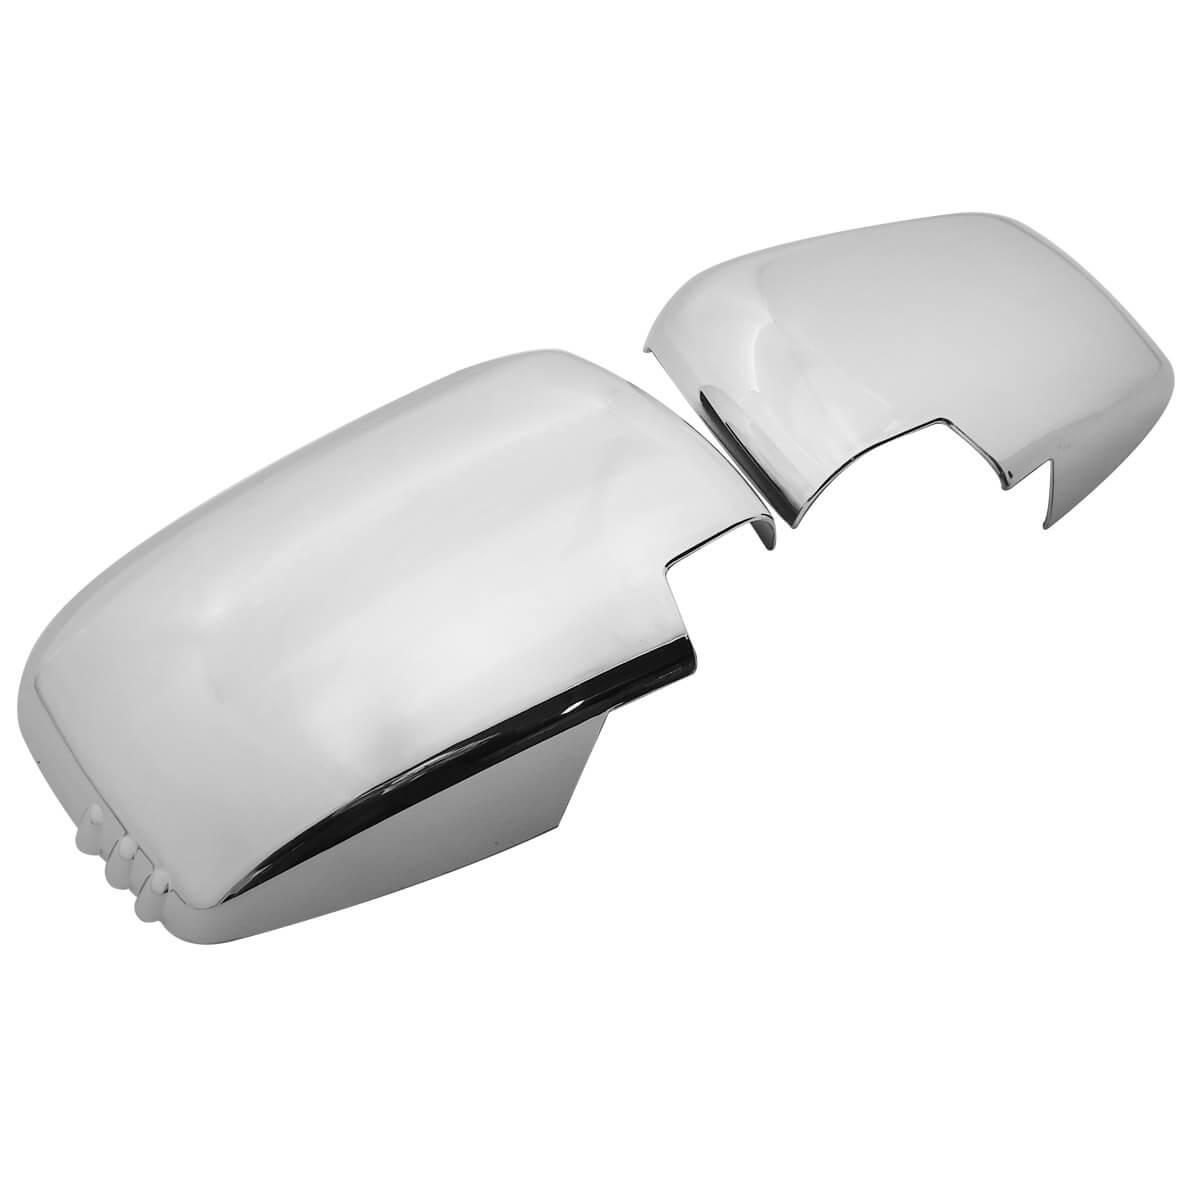 Capa de retrovisor cromada L200 Triton 2008 a 2016